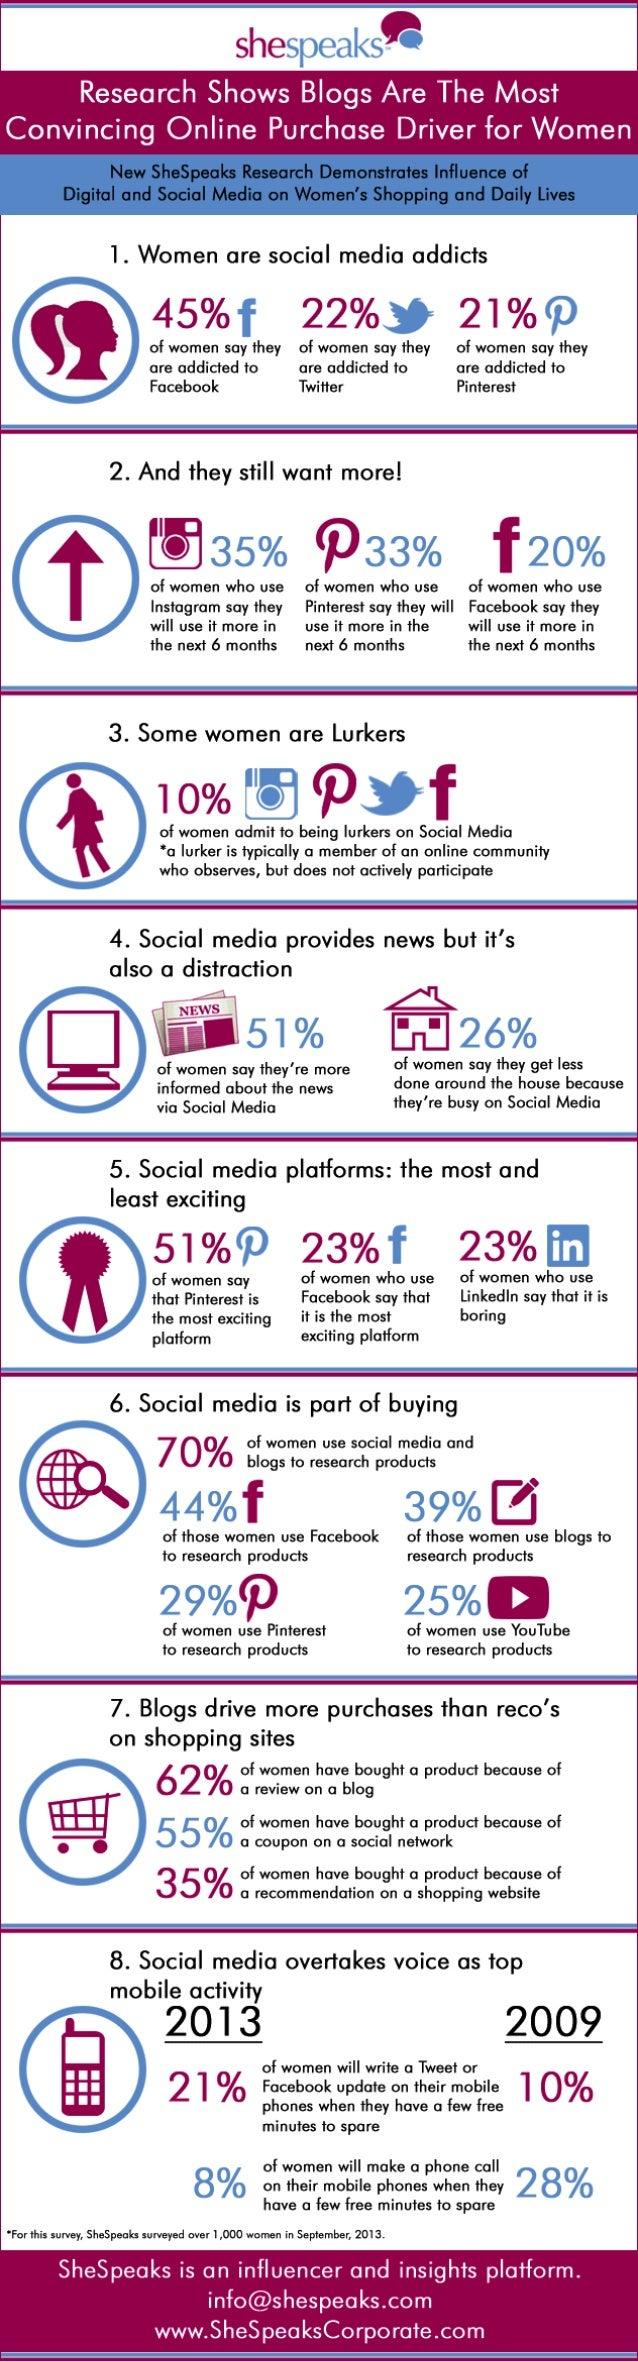 SheSpeaks Social Media Infographic